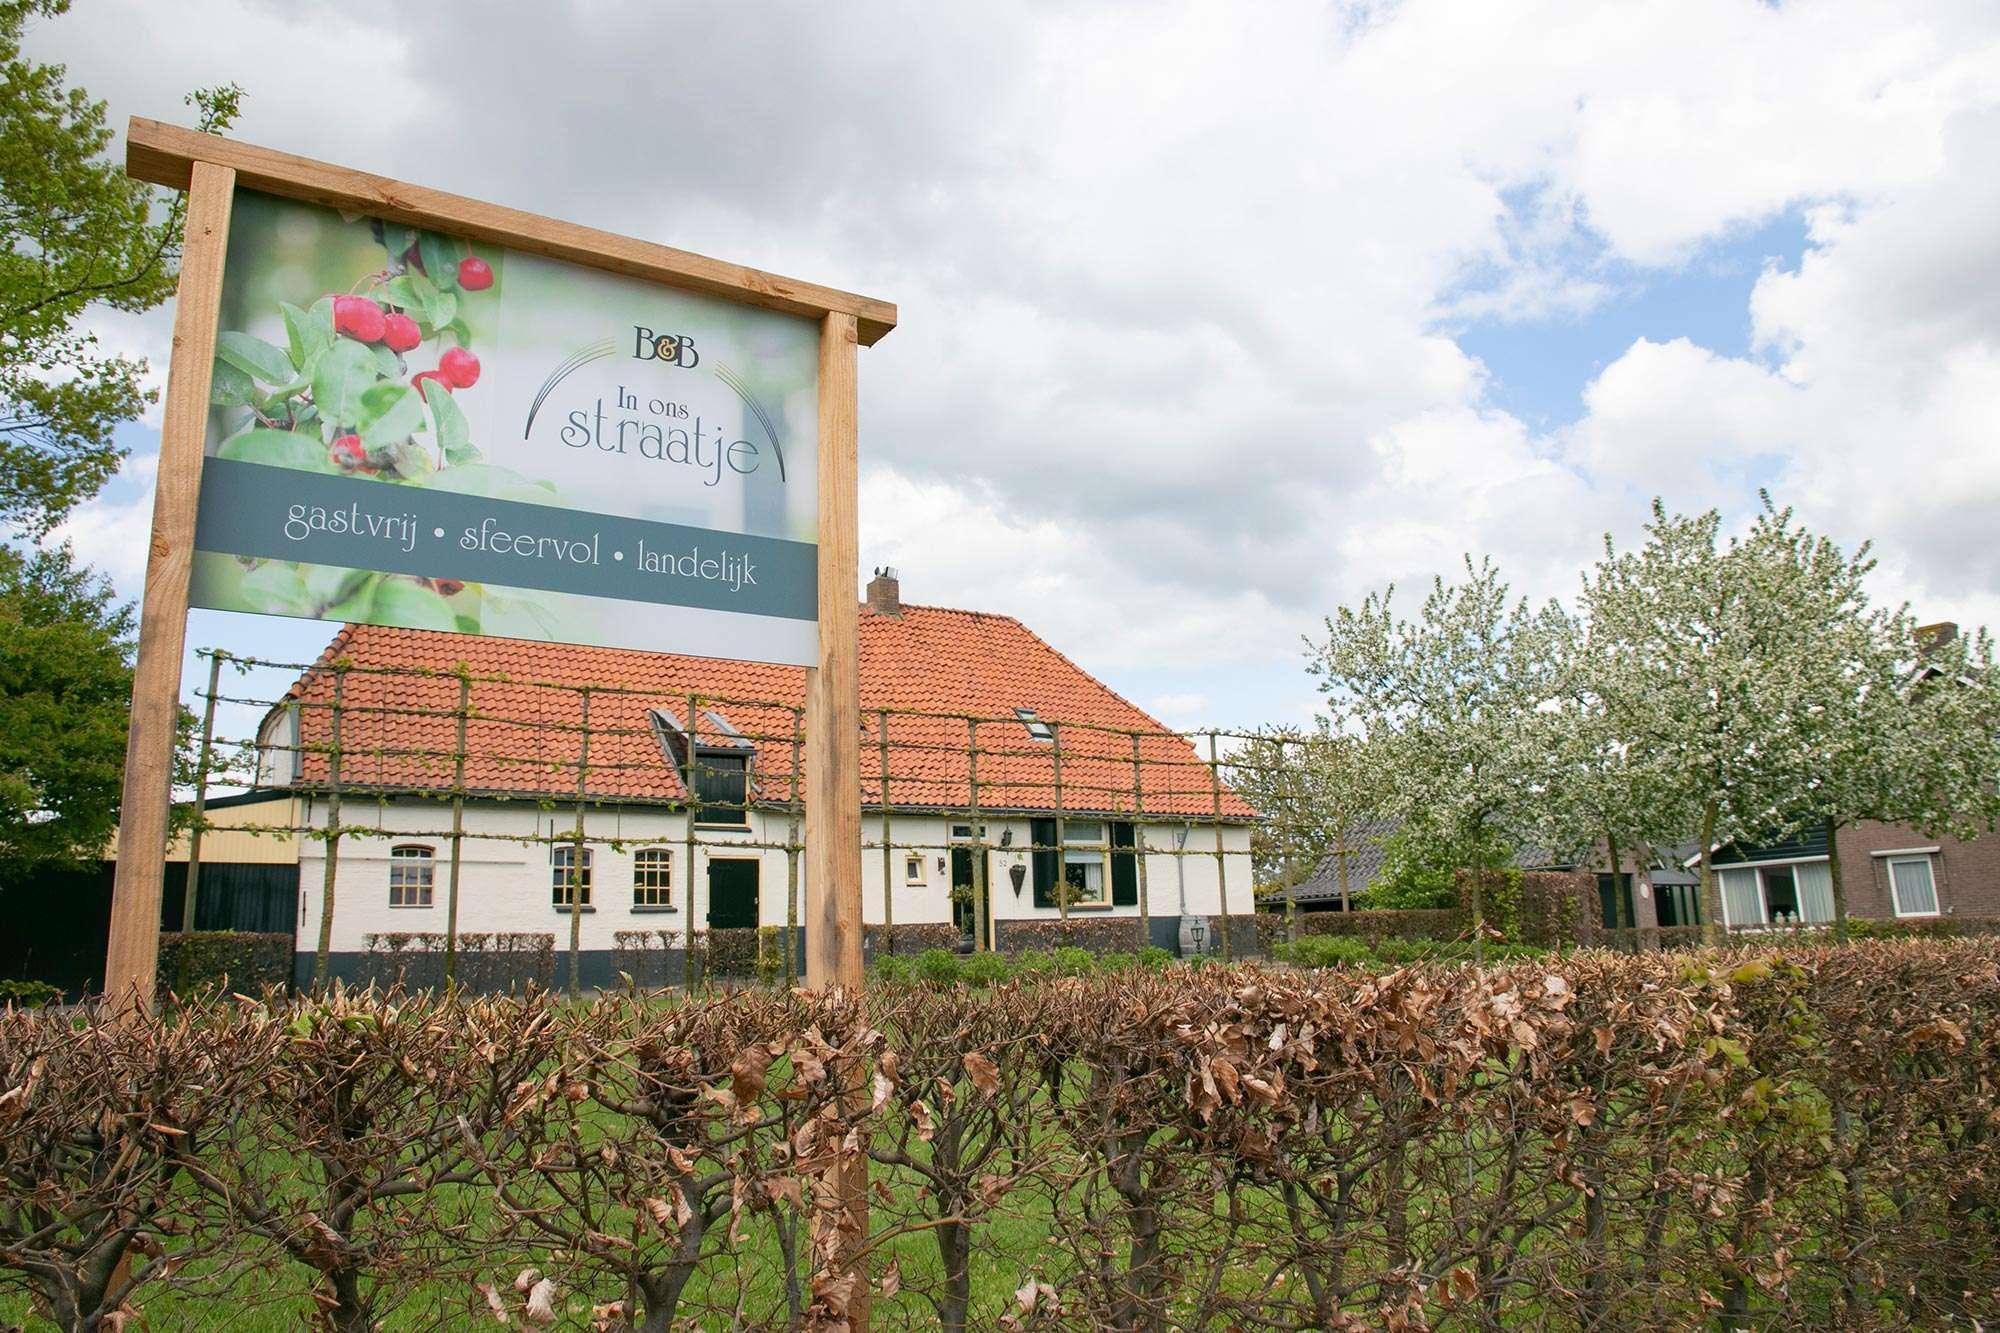 Boerderij - voorkant | Bed and Breakfast In ons Straatje, Kruisstraat Rosmalen - Noord-Brabant